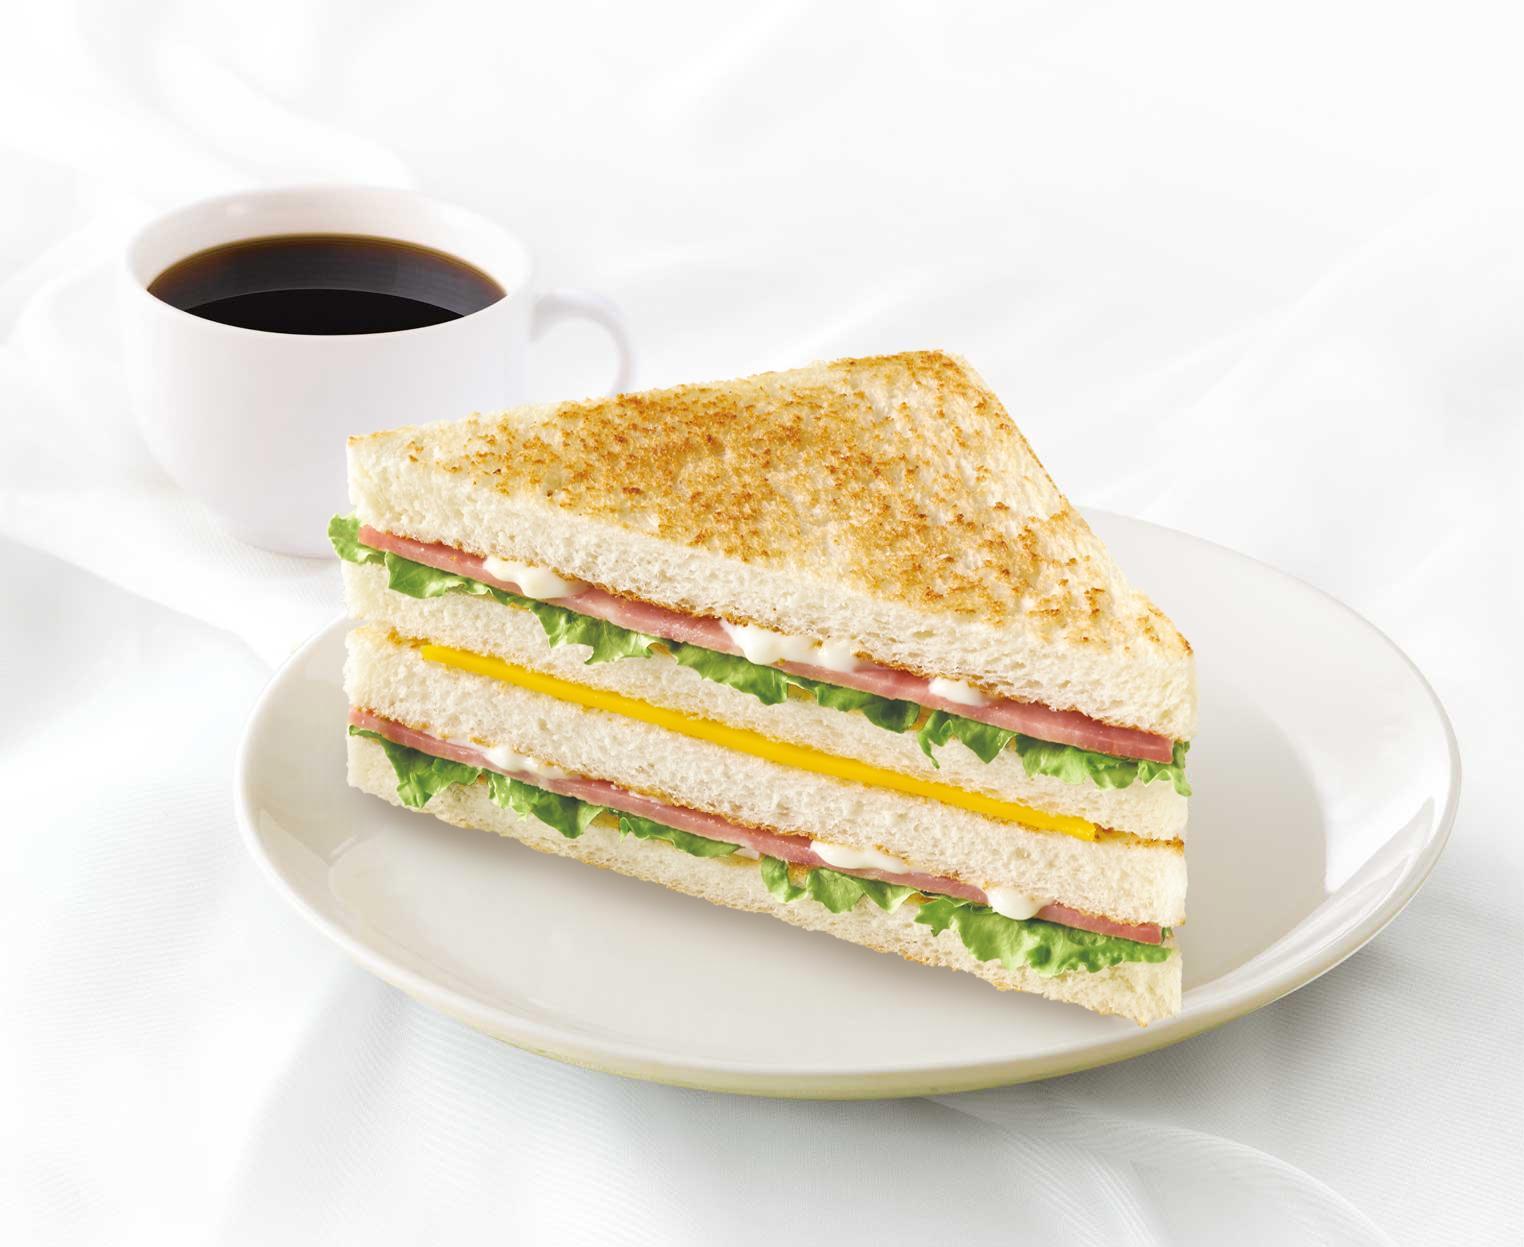 橡皮泥手工制作图片三明治